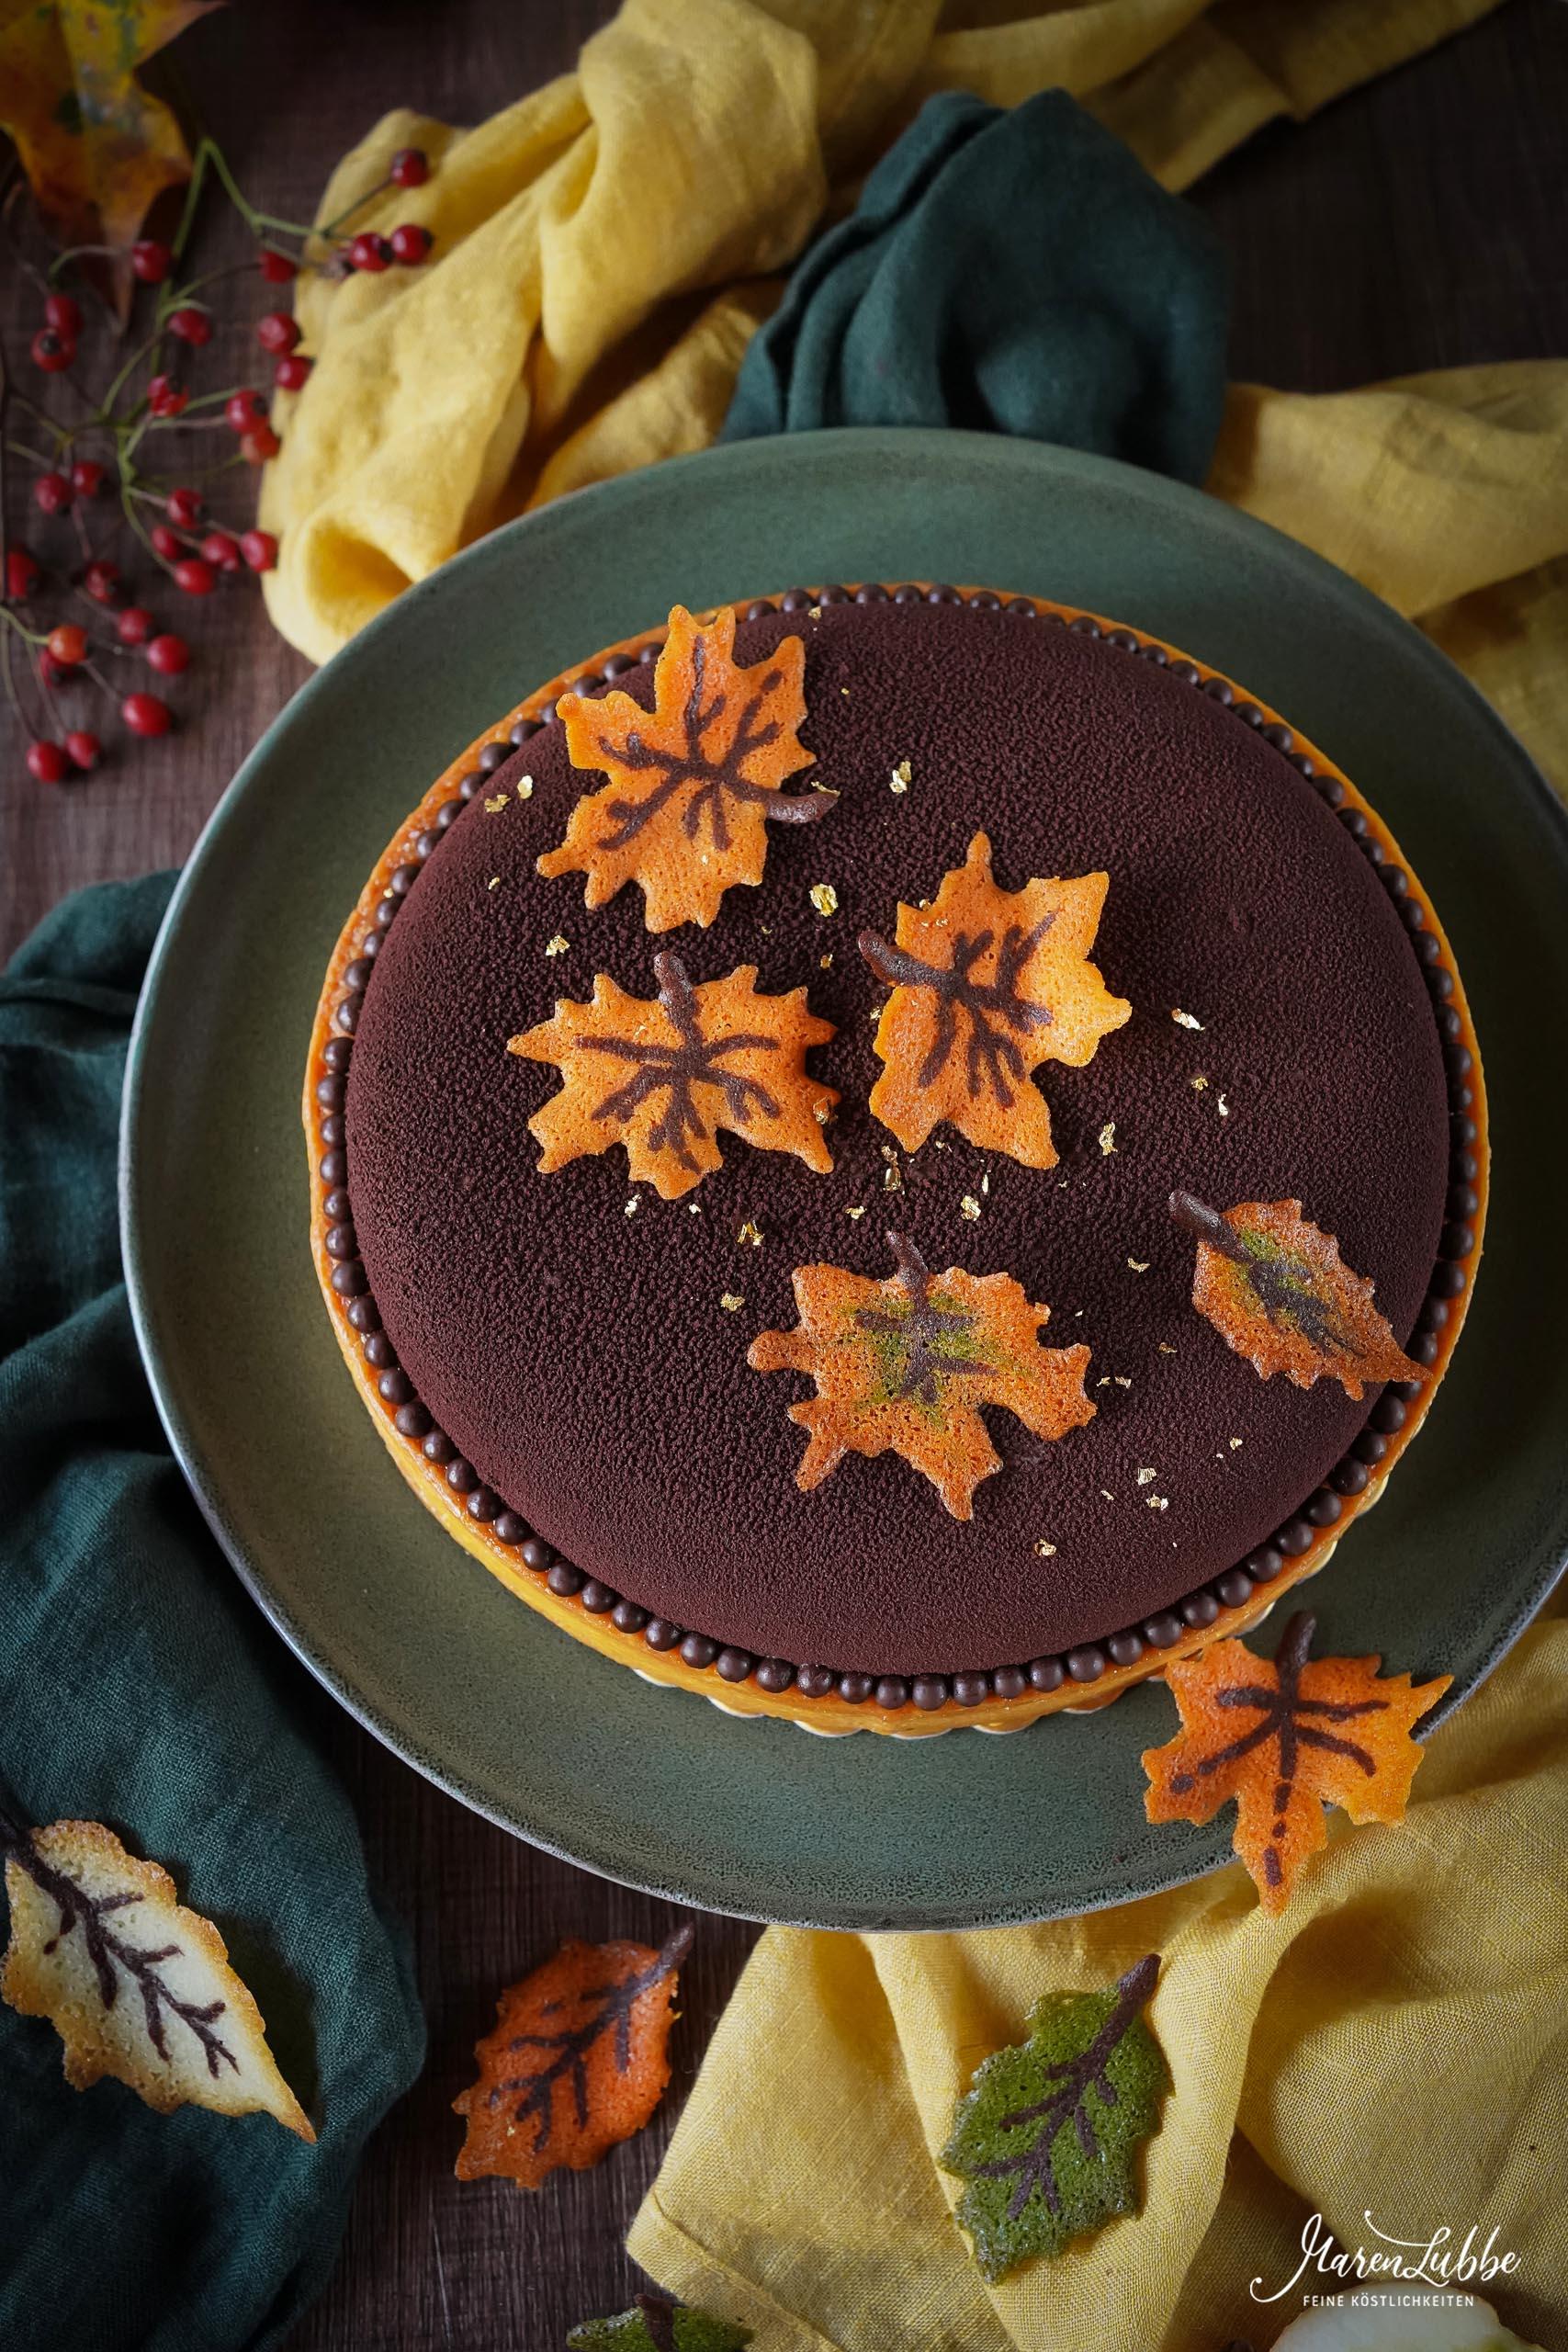 Herbsttarte - Apfel, Quitte & Marone